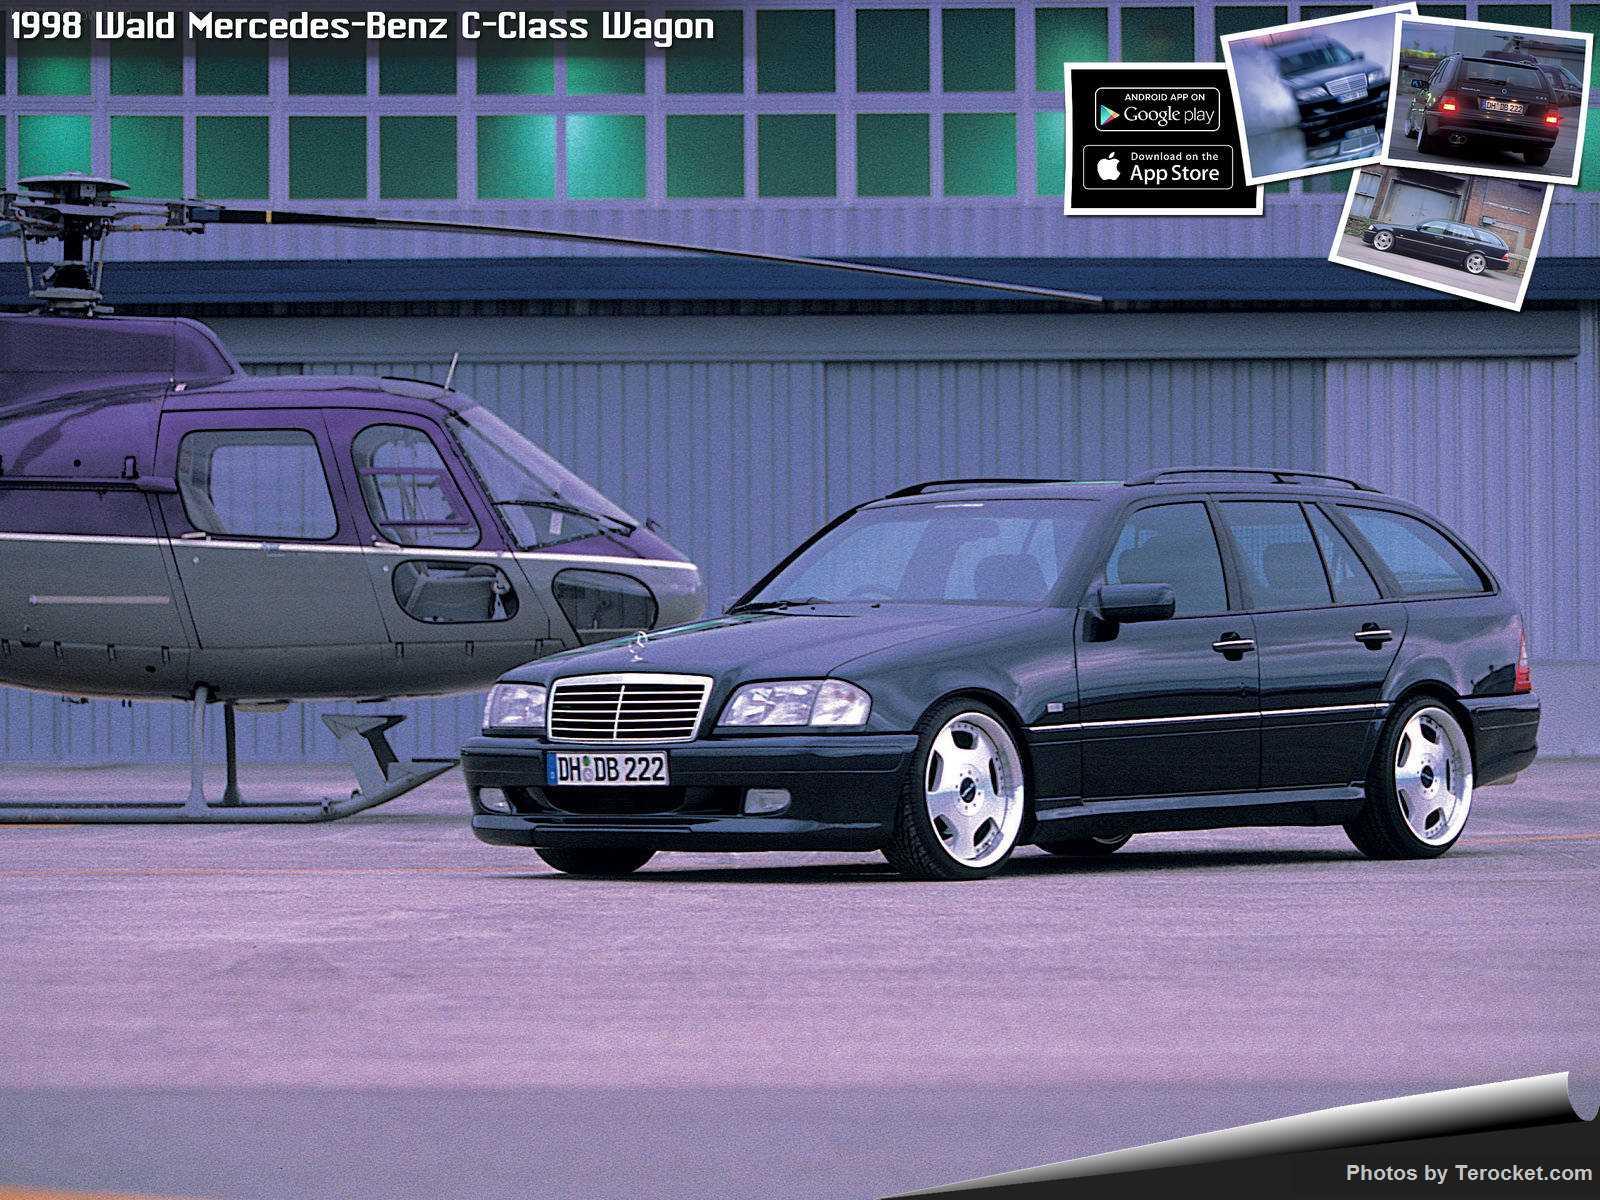 Hình ảnh xe độ Wald Mercedes-Benz C-Class Wagon 1998 & nội ngoại thất